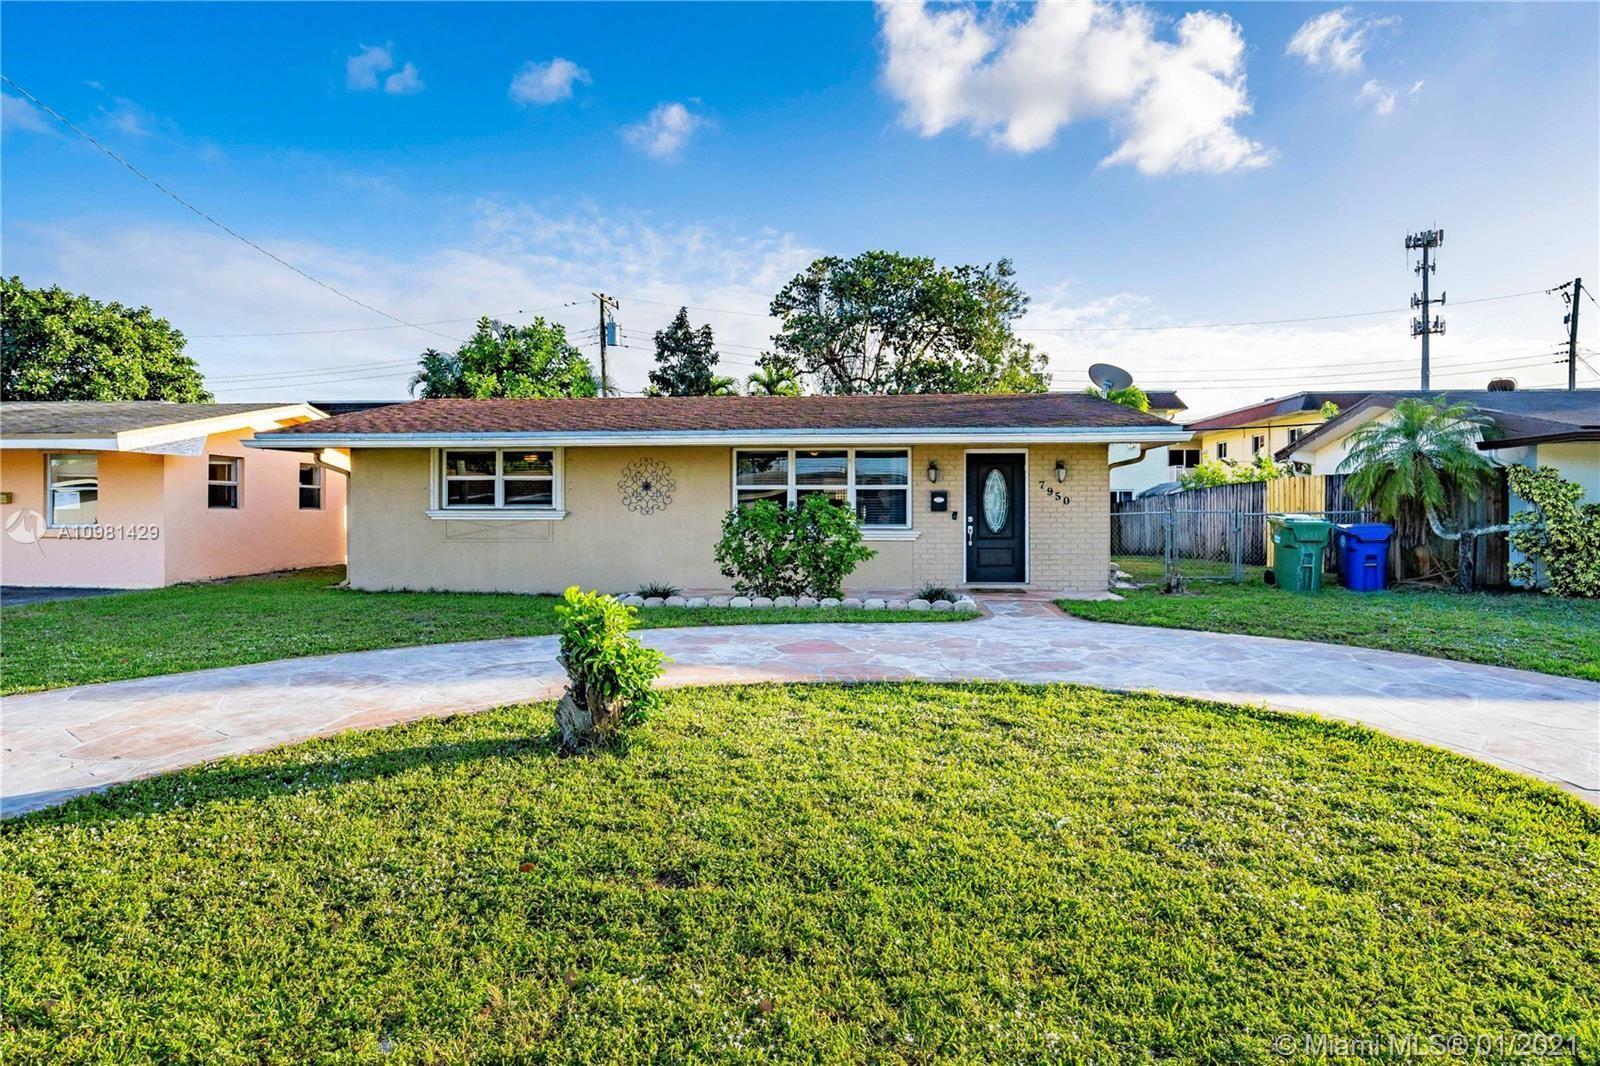 7950 NW 10th St, Pembroke Pines, FL 33024 - #: A10981429